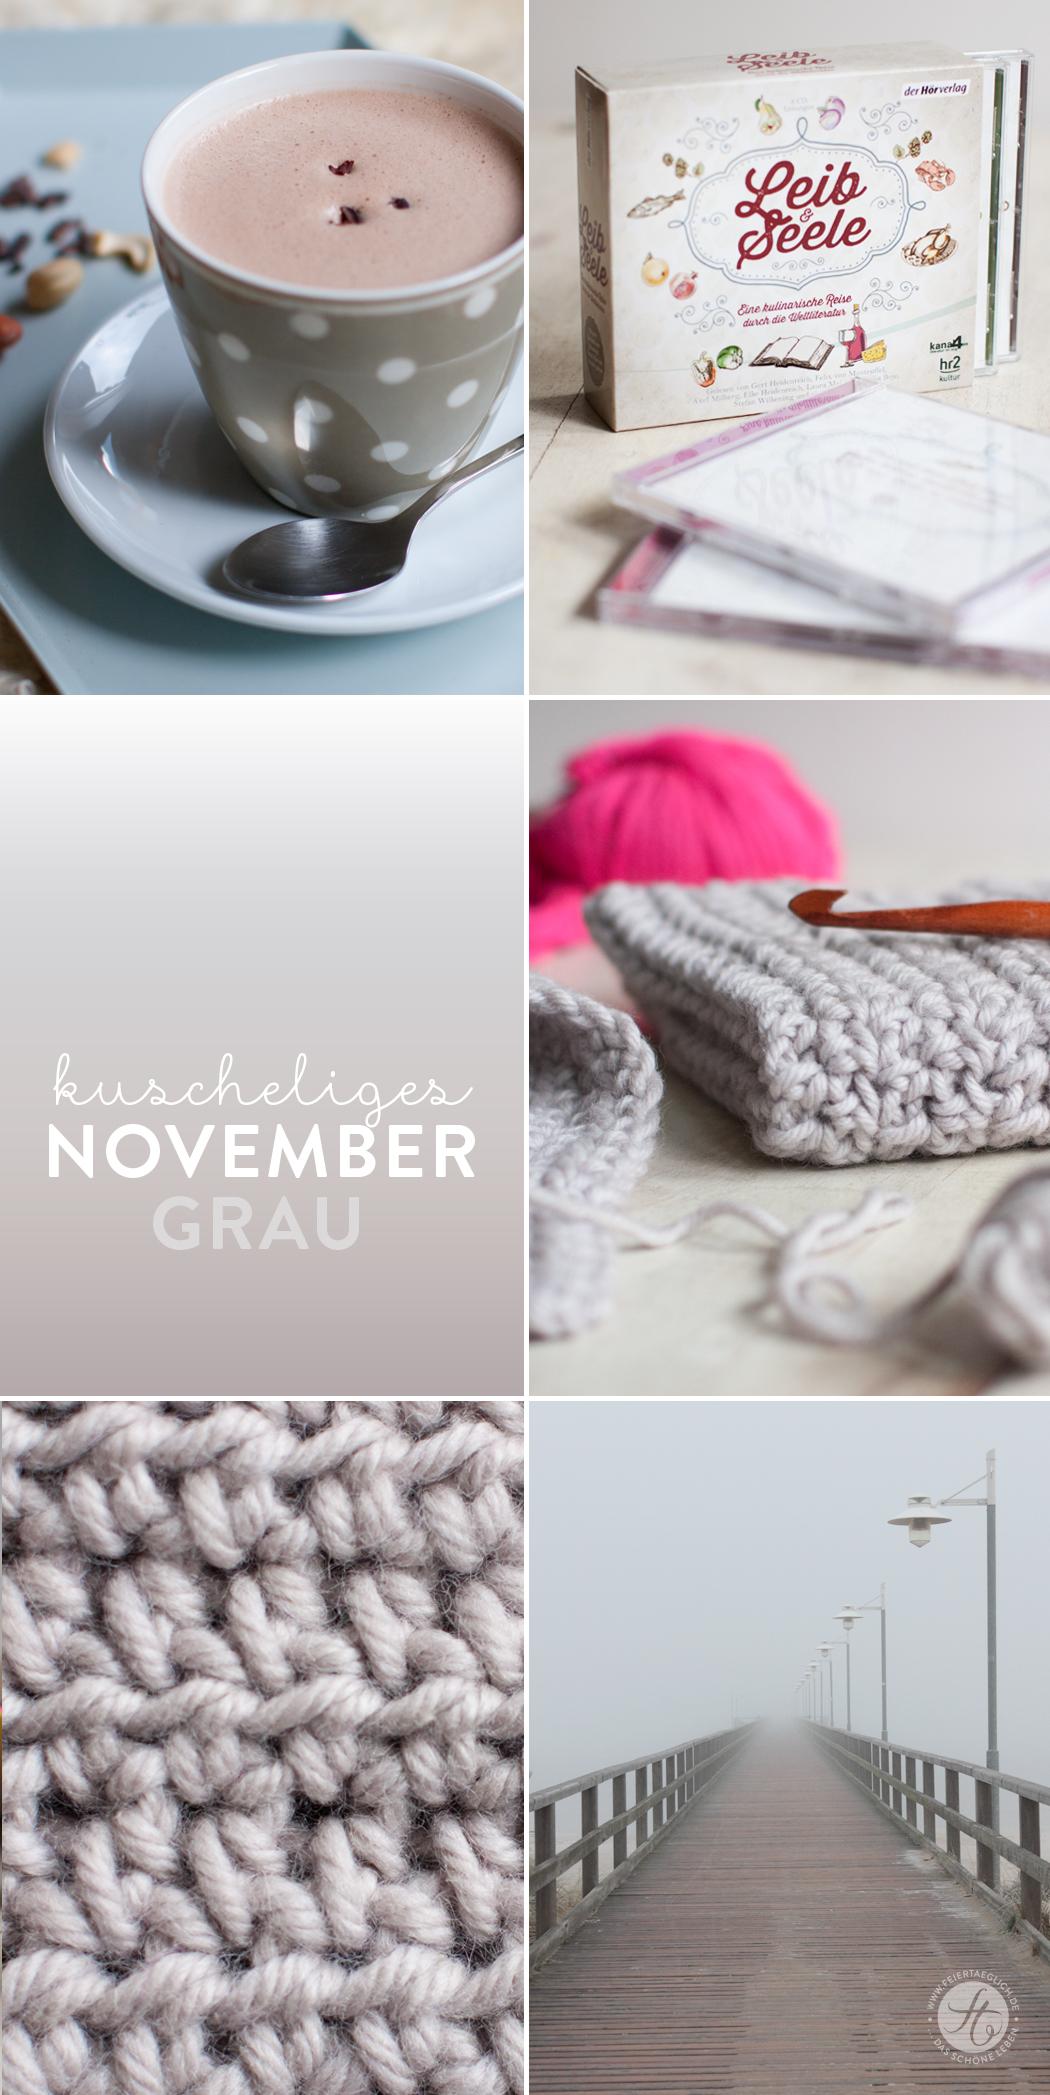 Launemacher: kuscheliges Novembergrau von feiertaeglich.de